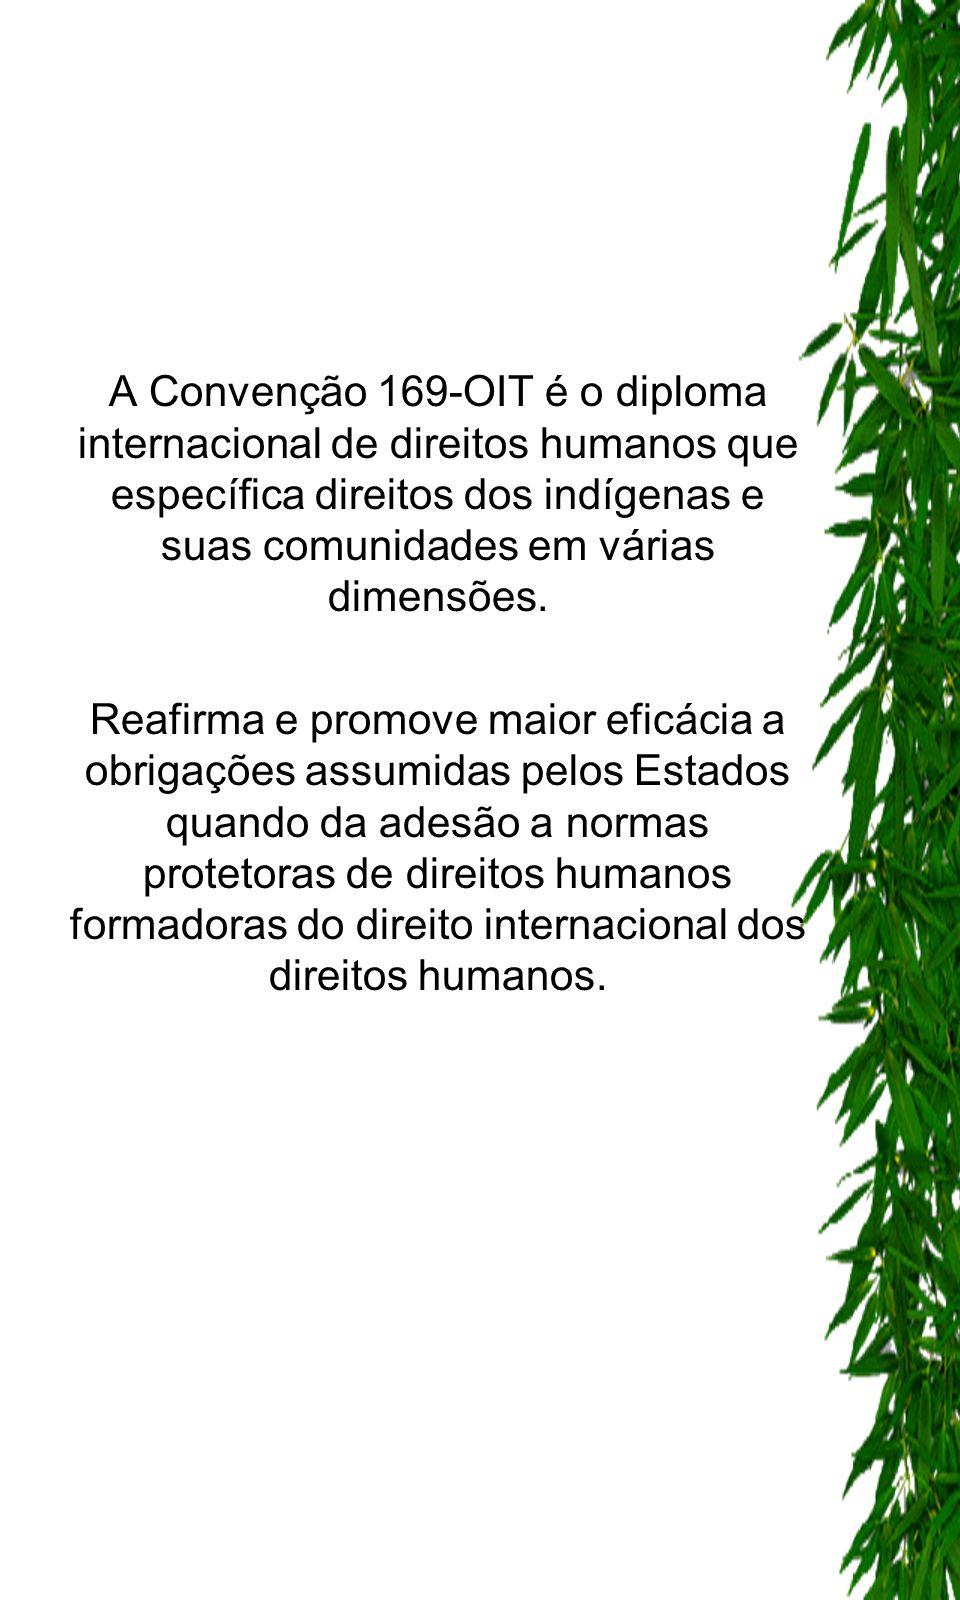 A Convenção 169-OIT é o diploma internacional de direitos humanos que específica direitos dos indígenas e suas comunidades em várias dimensões.